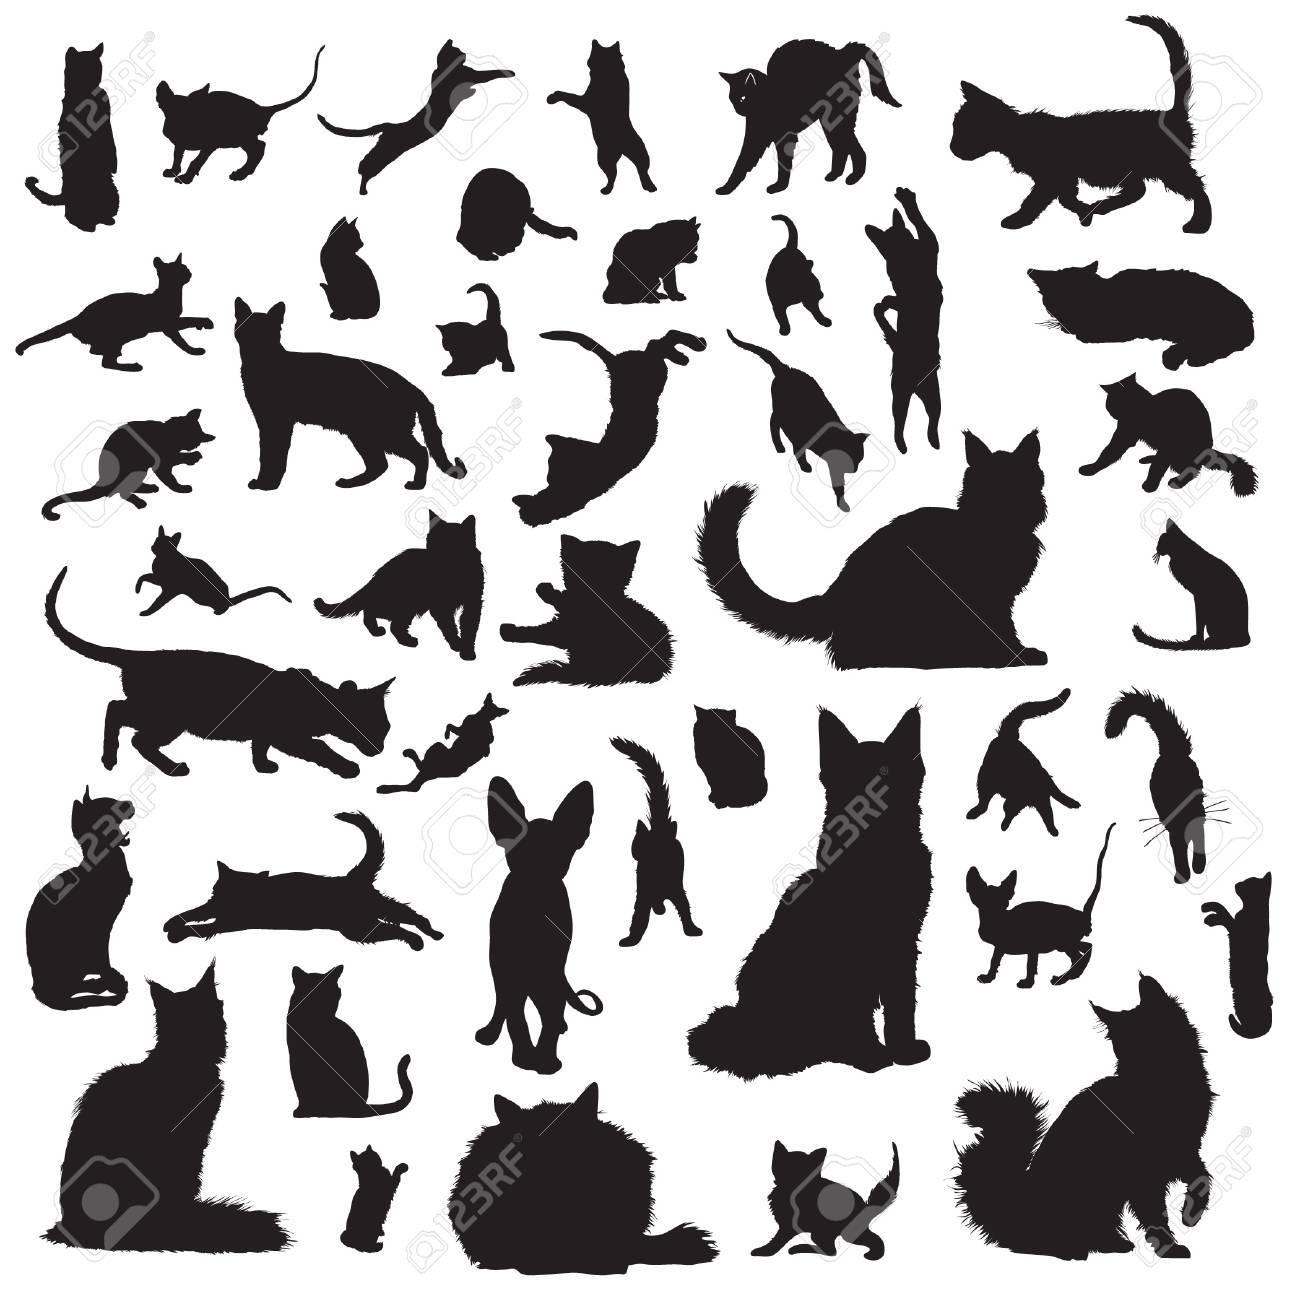 Colección de siluetas de gato Foto de archivo - 22260252